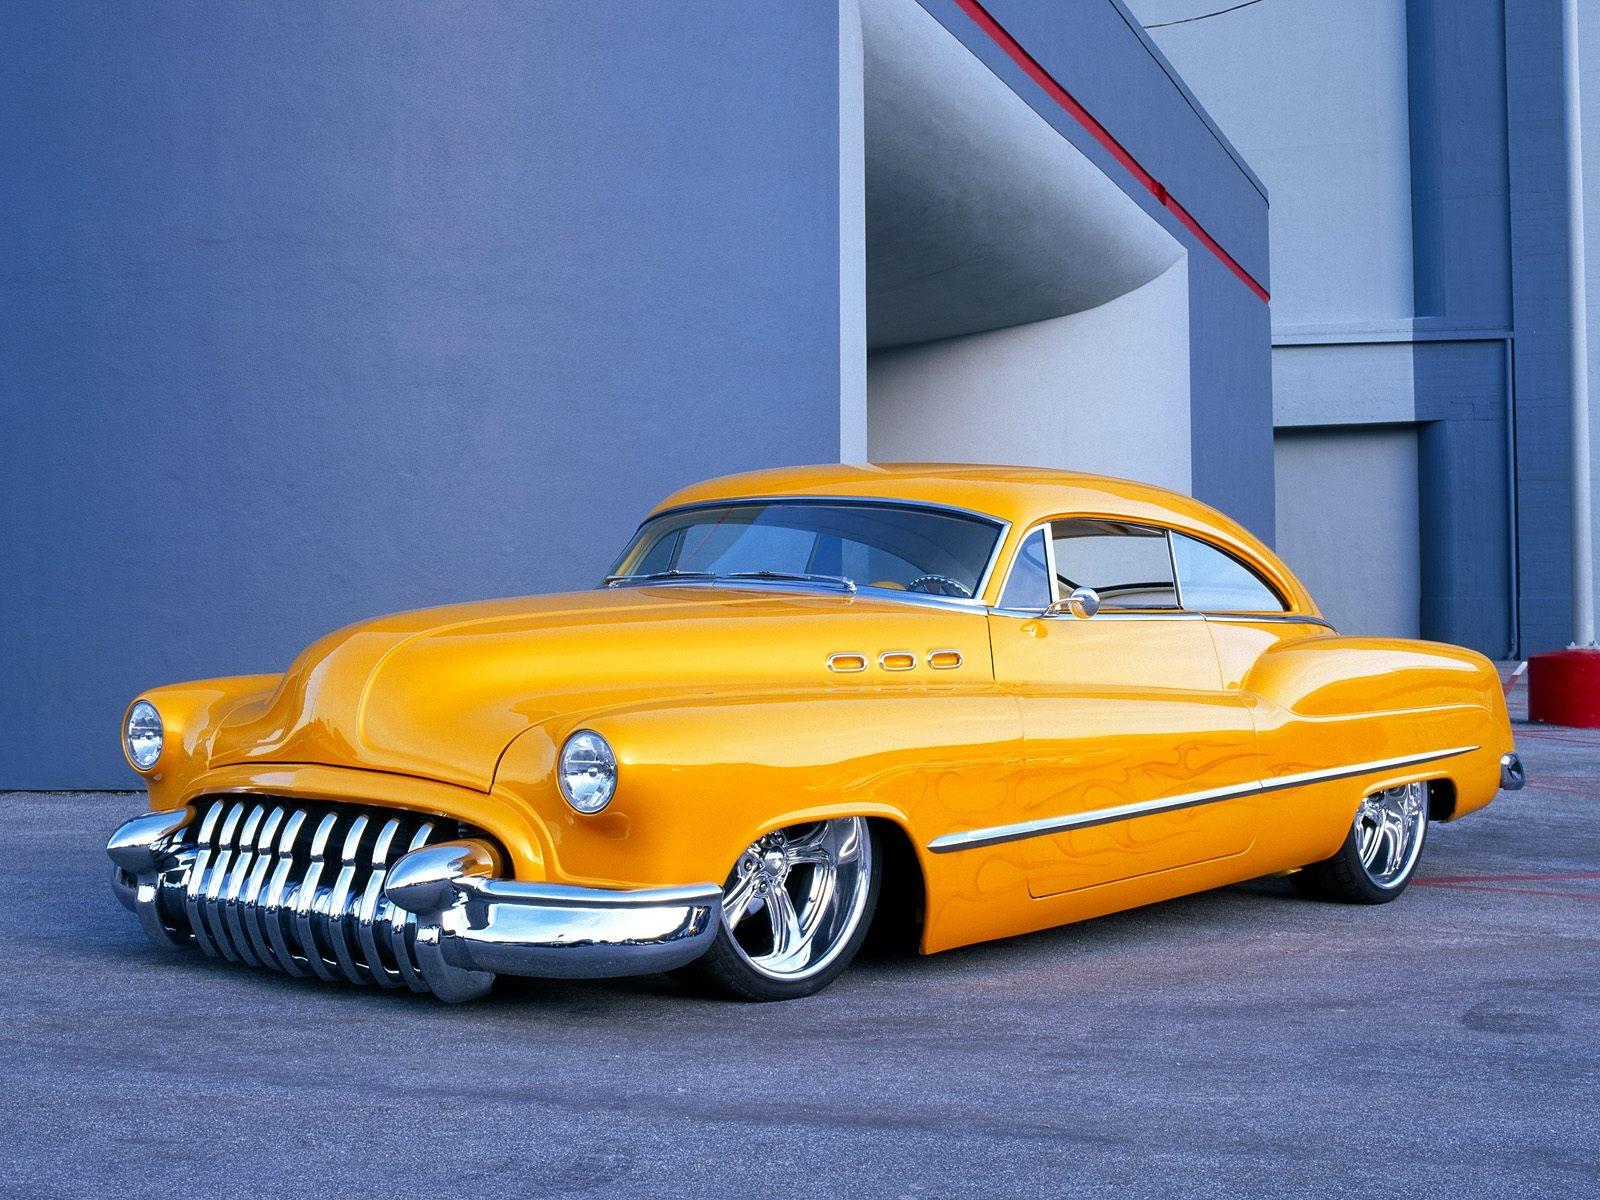 Buick+sedanette